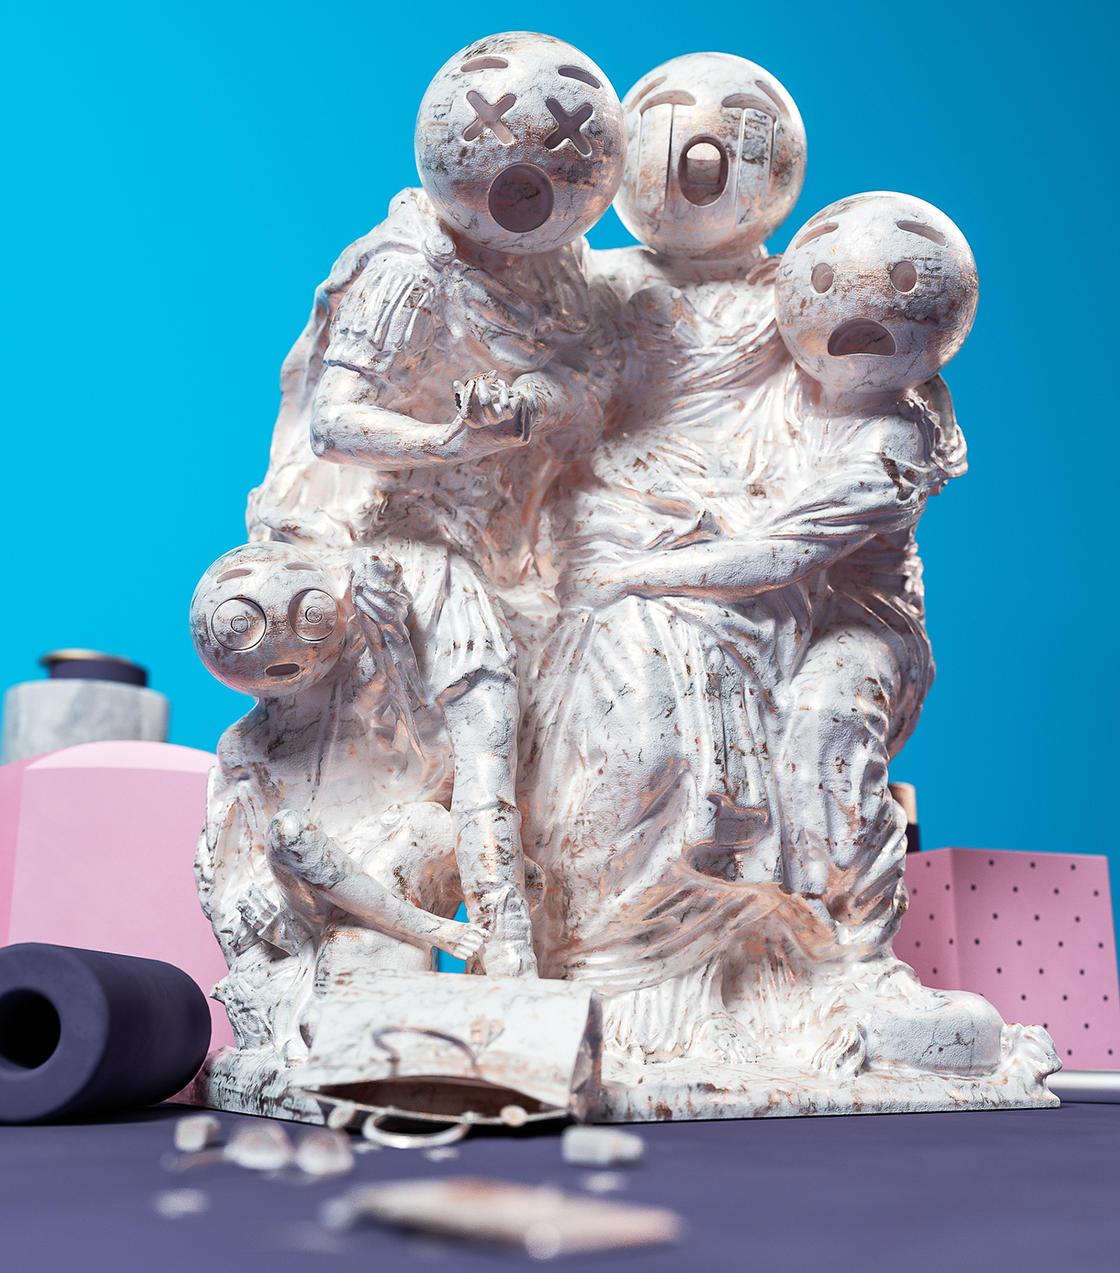 Sculptmojis, quando emoji e scultura classica si incontrano | Collater.al 6